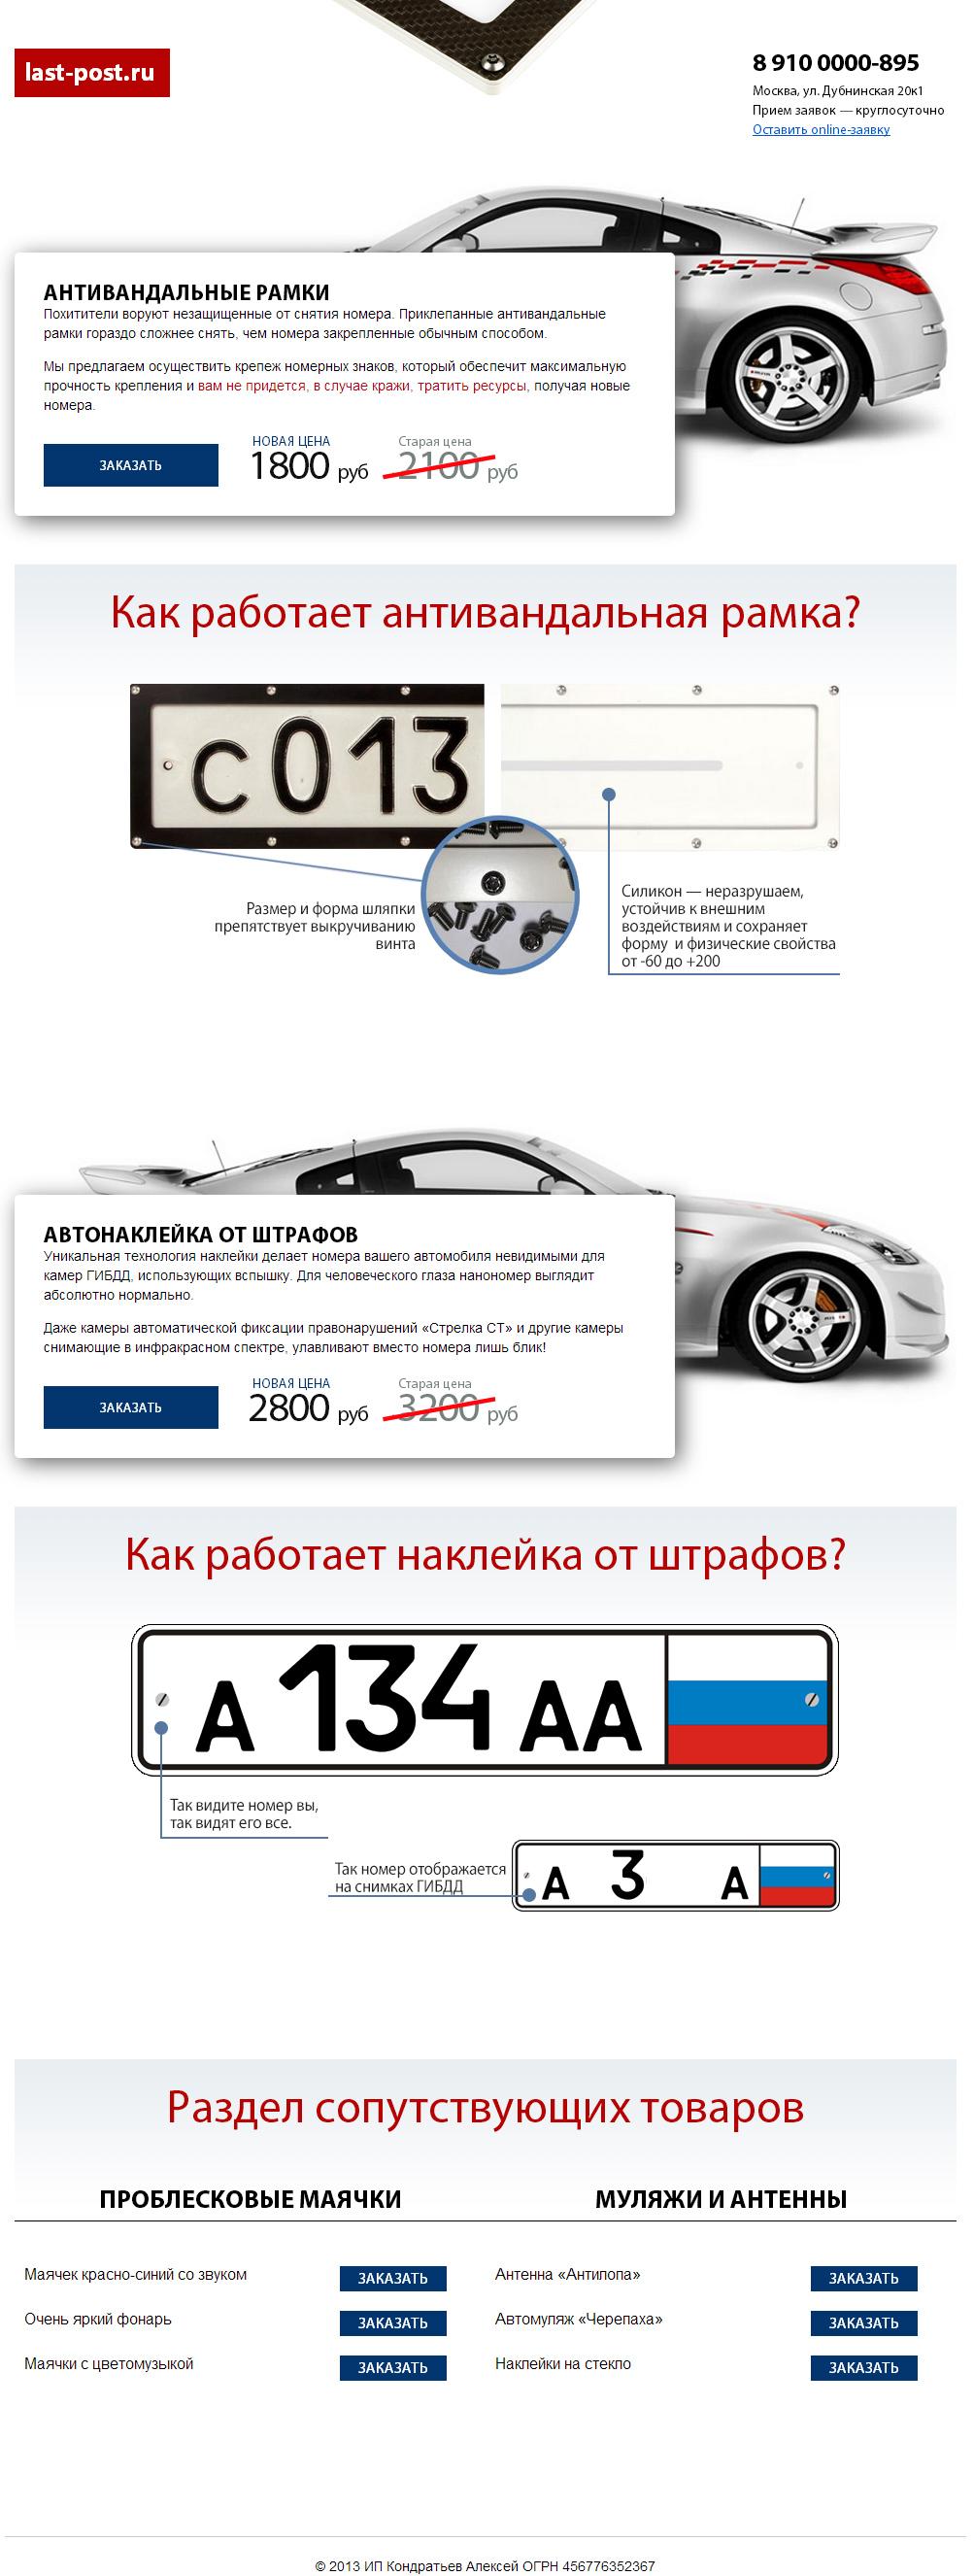 Сайт «Антивандальных рамок» для Алексея Кондратьева